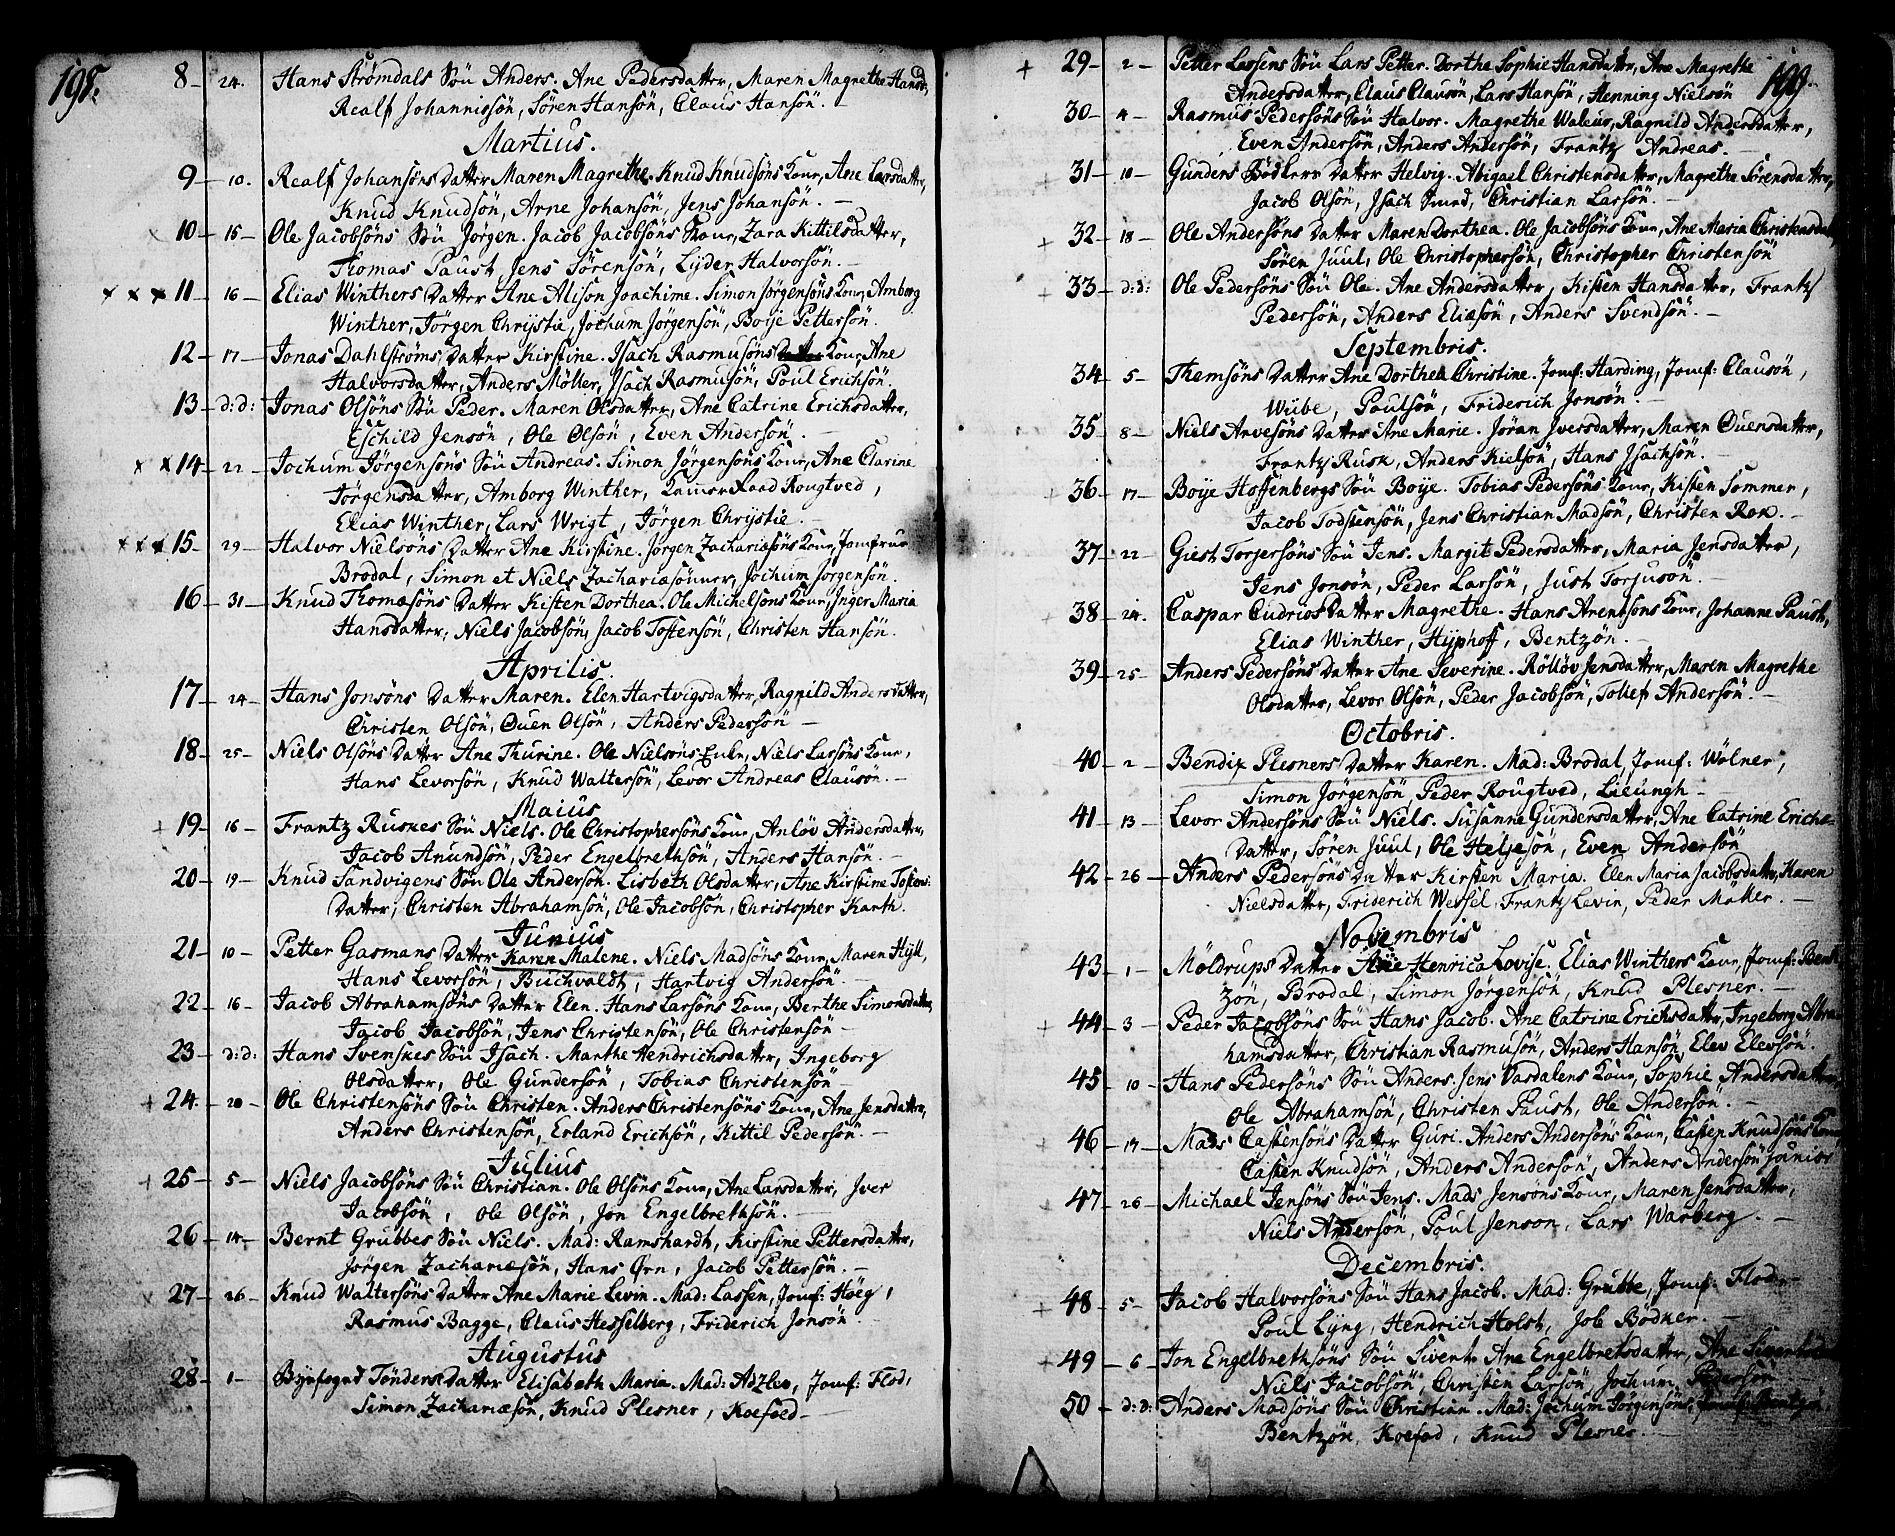 SAKO, Skien kirkebøker, F/Fa/L0003: Ministerialbok nr. 3, 1755-1791, s. 198-199